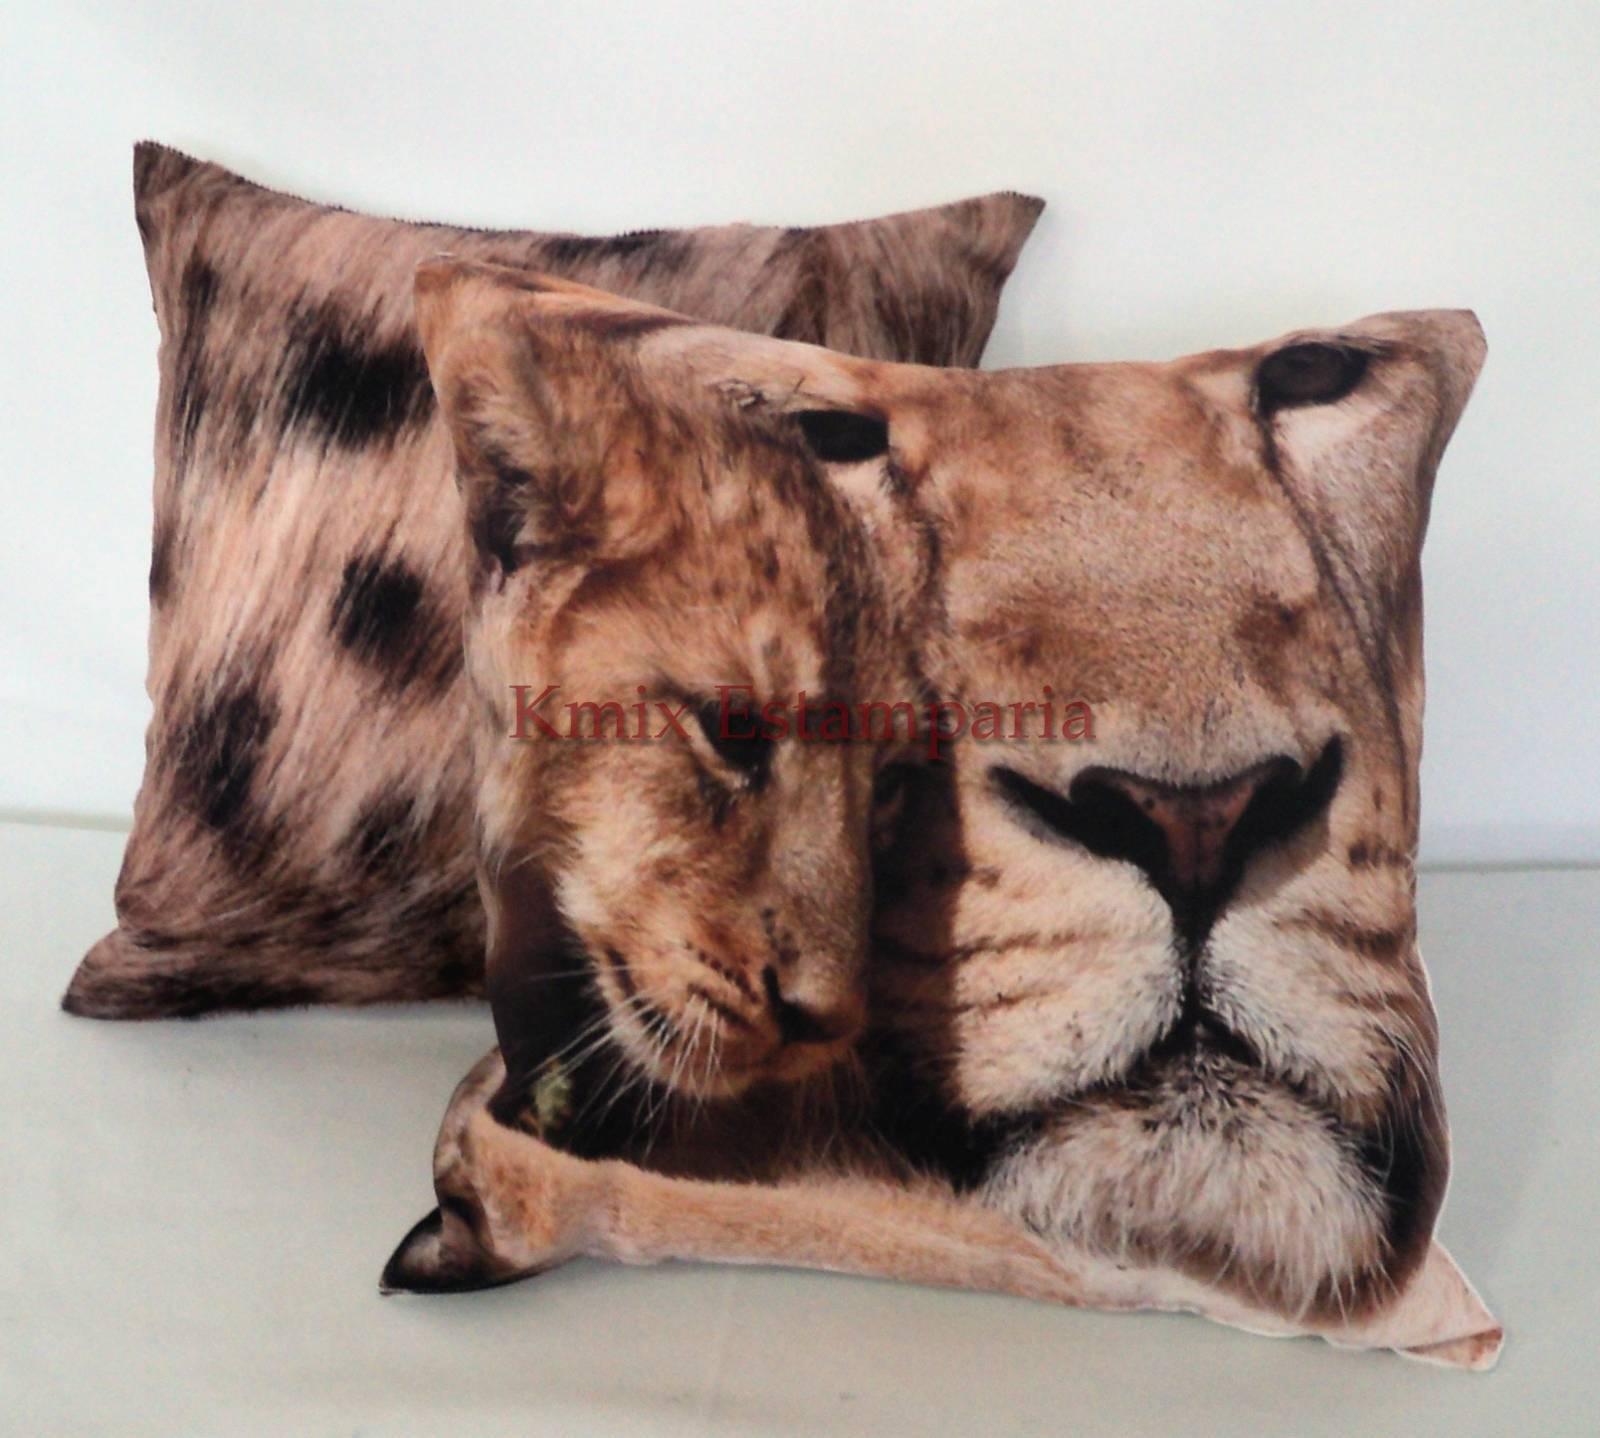 Almofadas personalizdas 30x30 cm - todos os temas  (pedido mínimo - 20 peças). - kmix estamparia